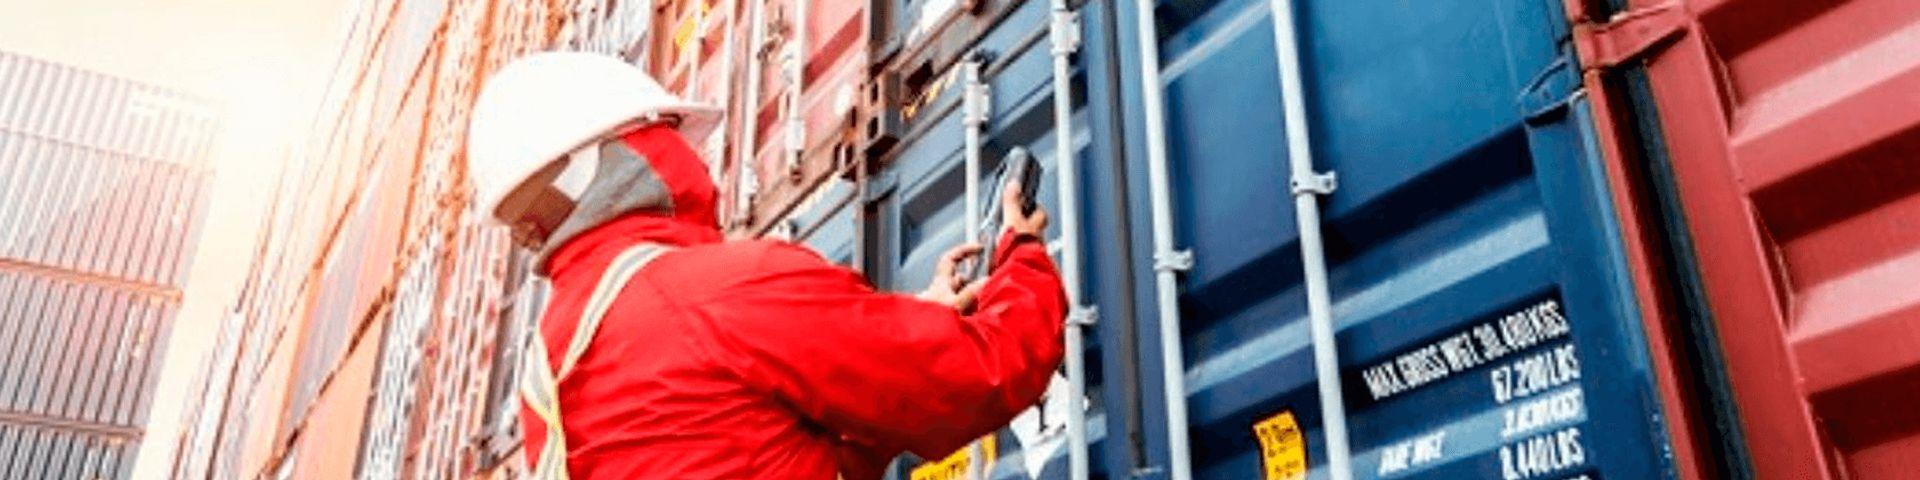 Comercio exterior y gestión aduanera